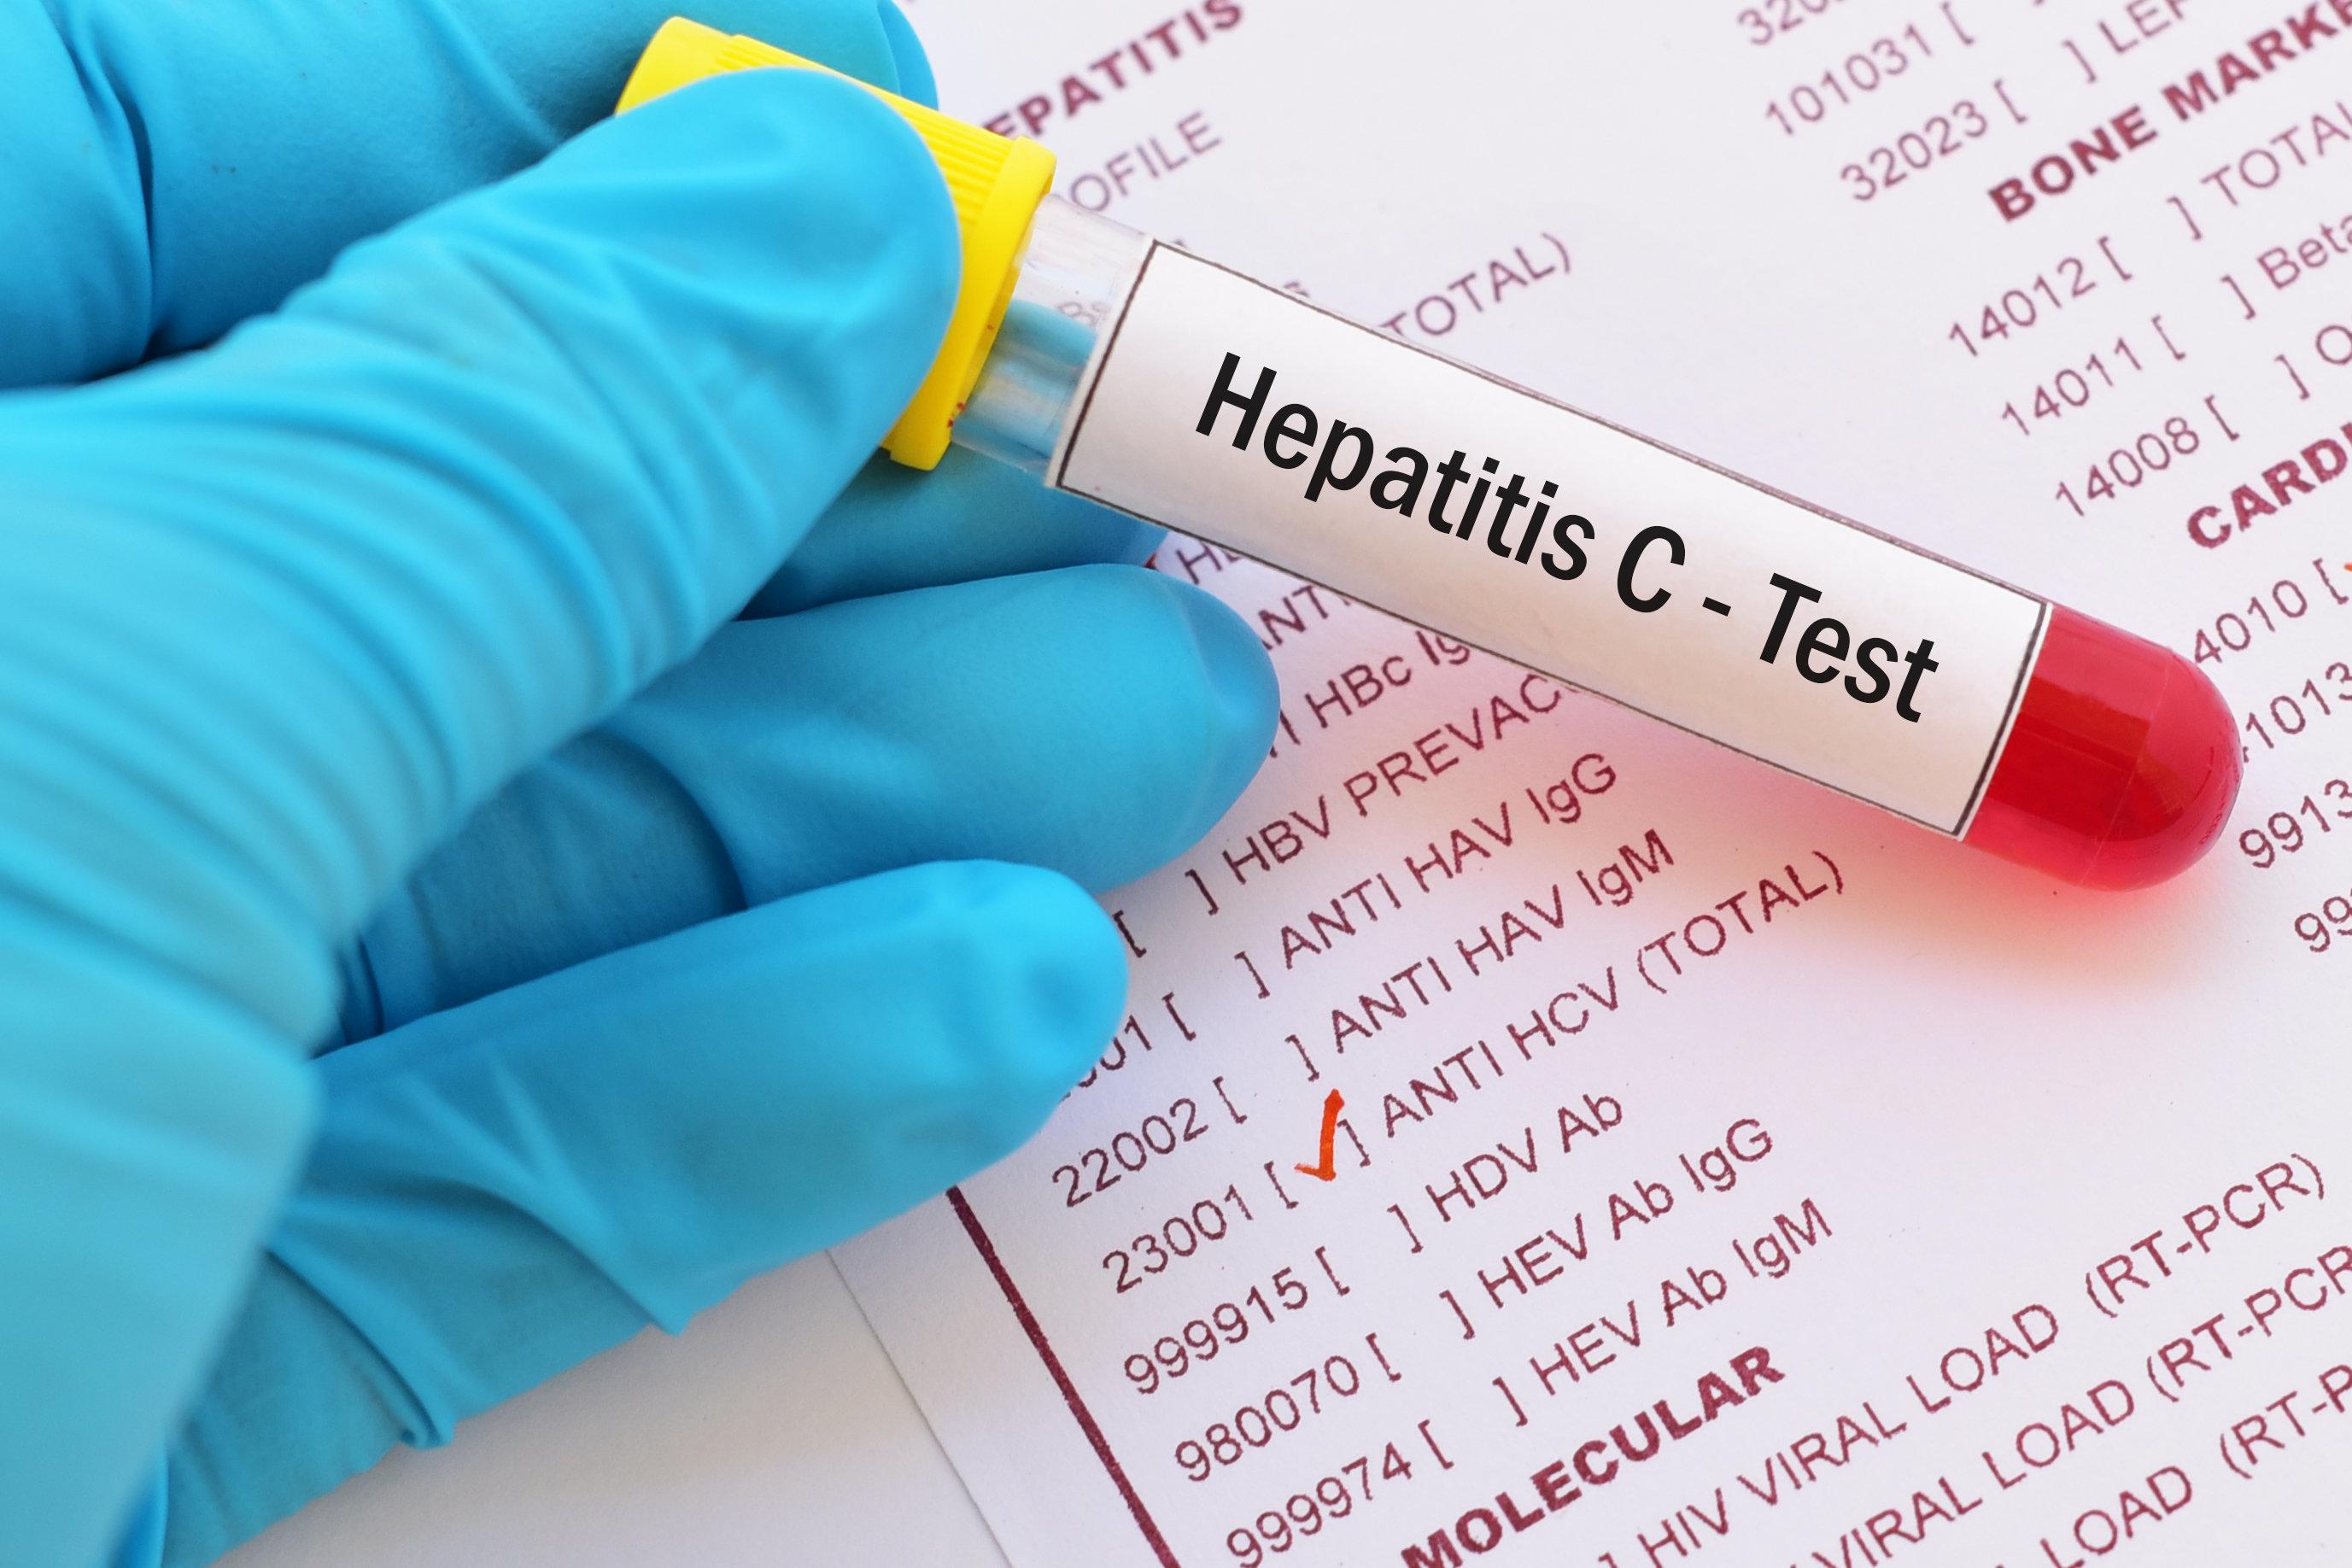 Test tube with blood sample for hepatitis C virus (HCV) test